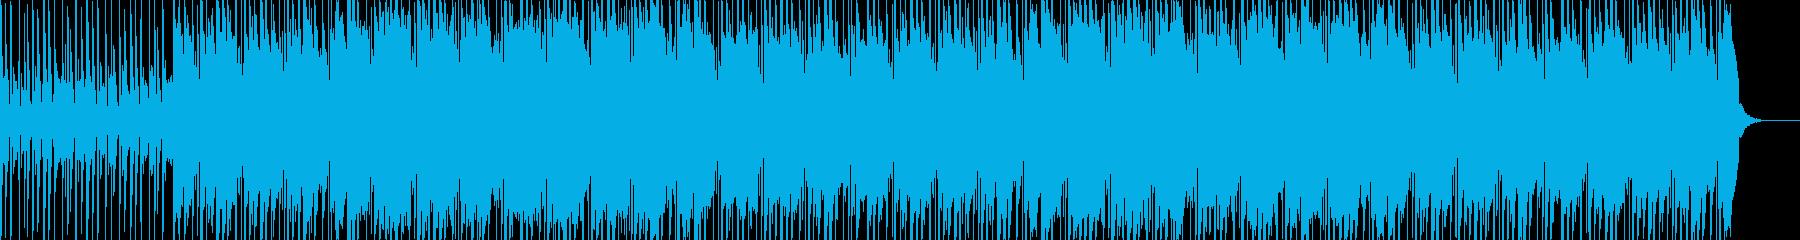 おしゃれな和風ヒップホップ、CMや映像にの再生済みの波形